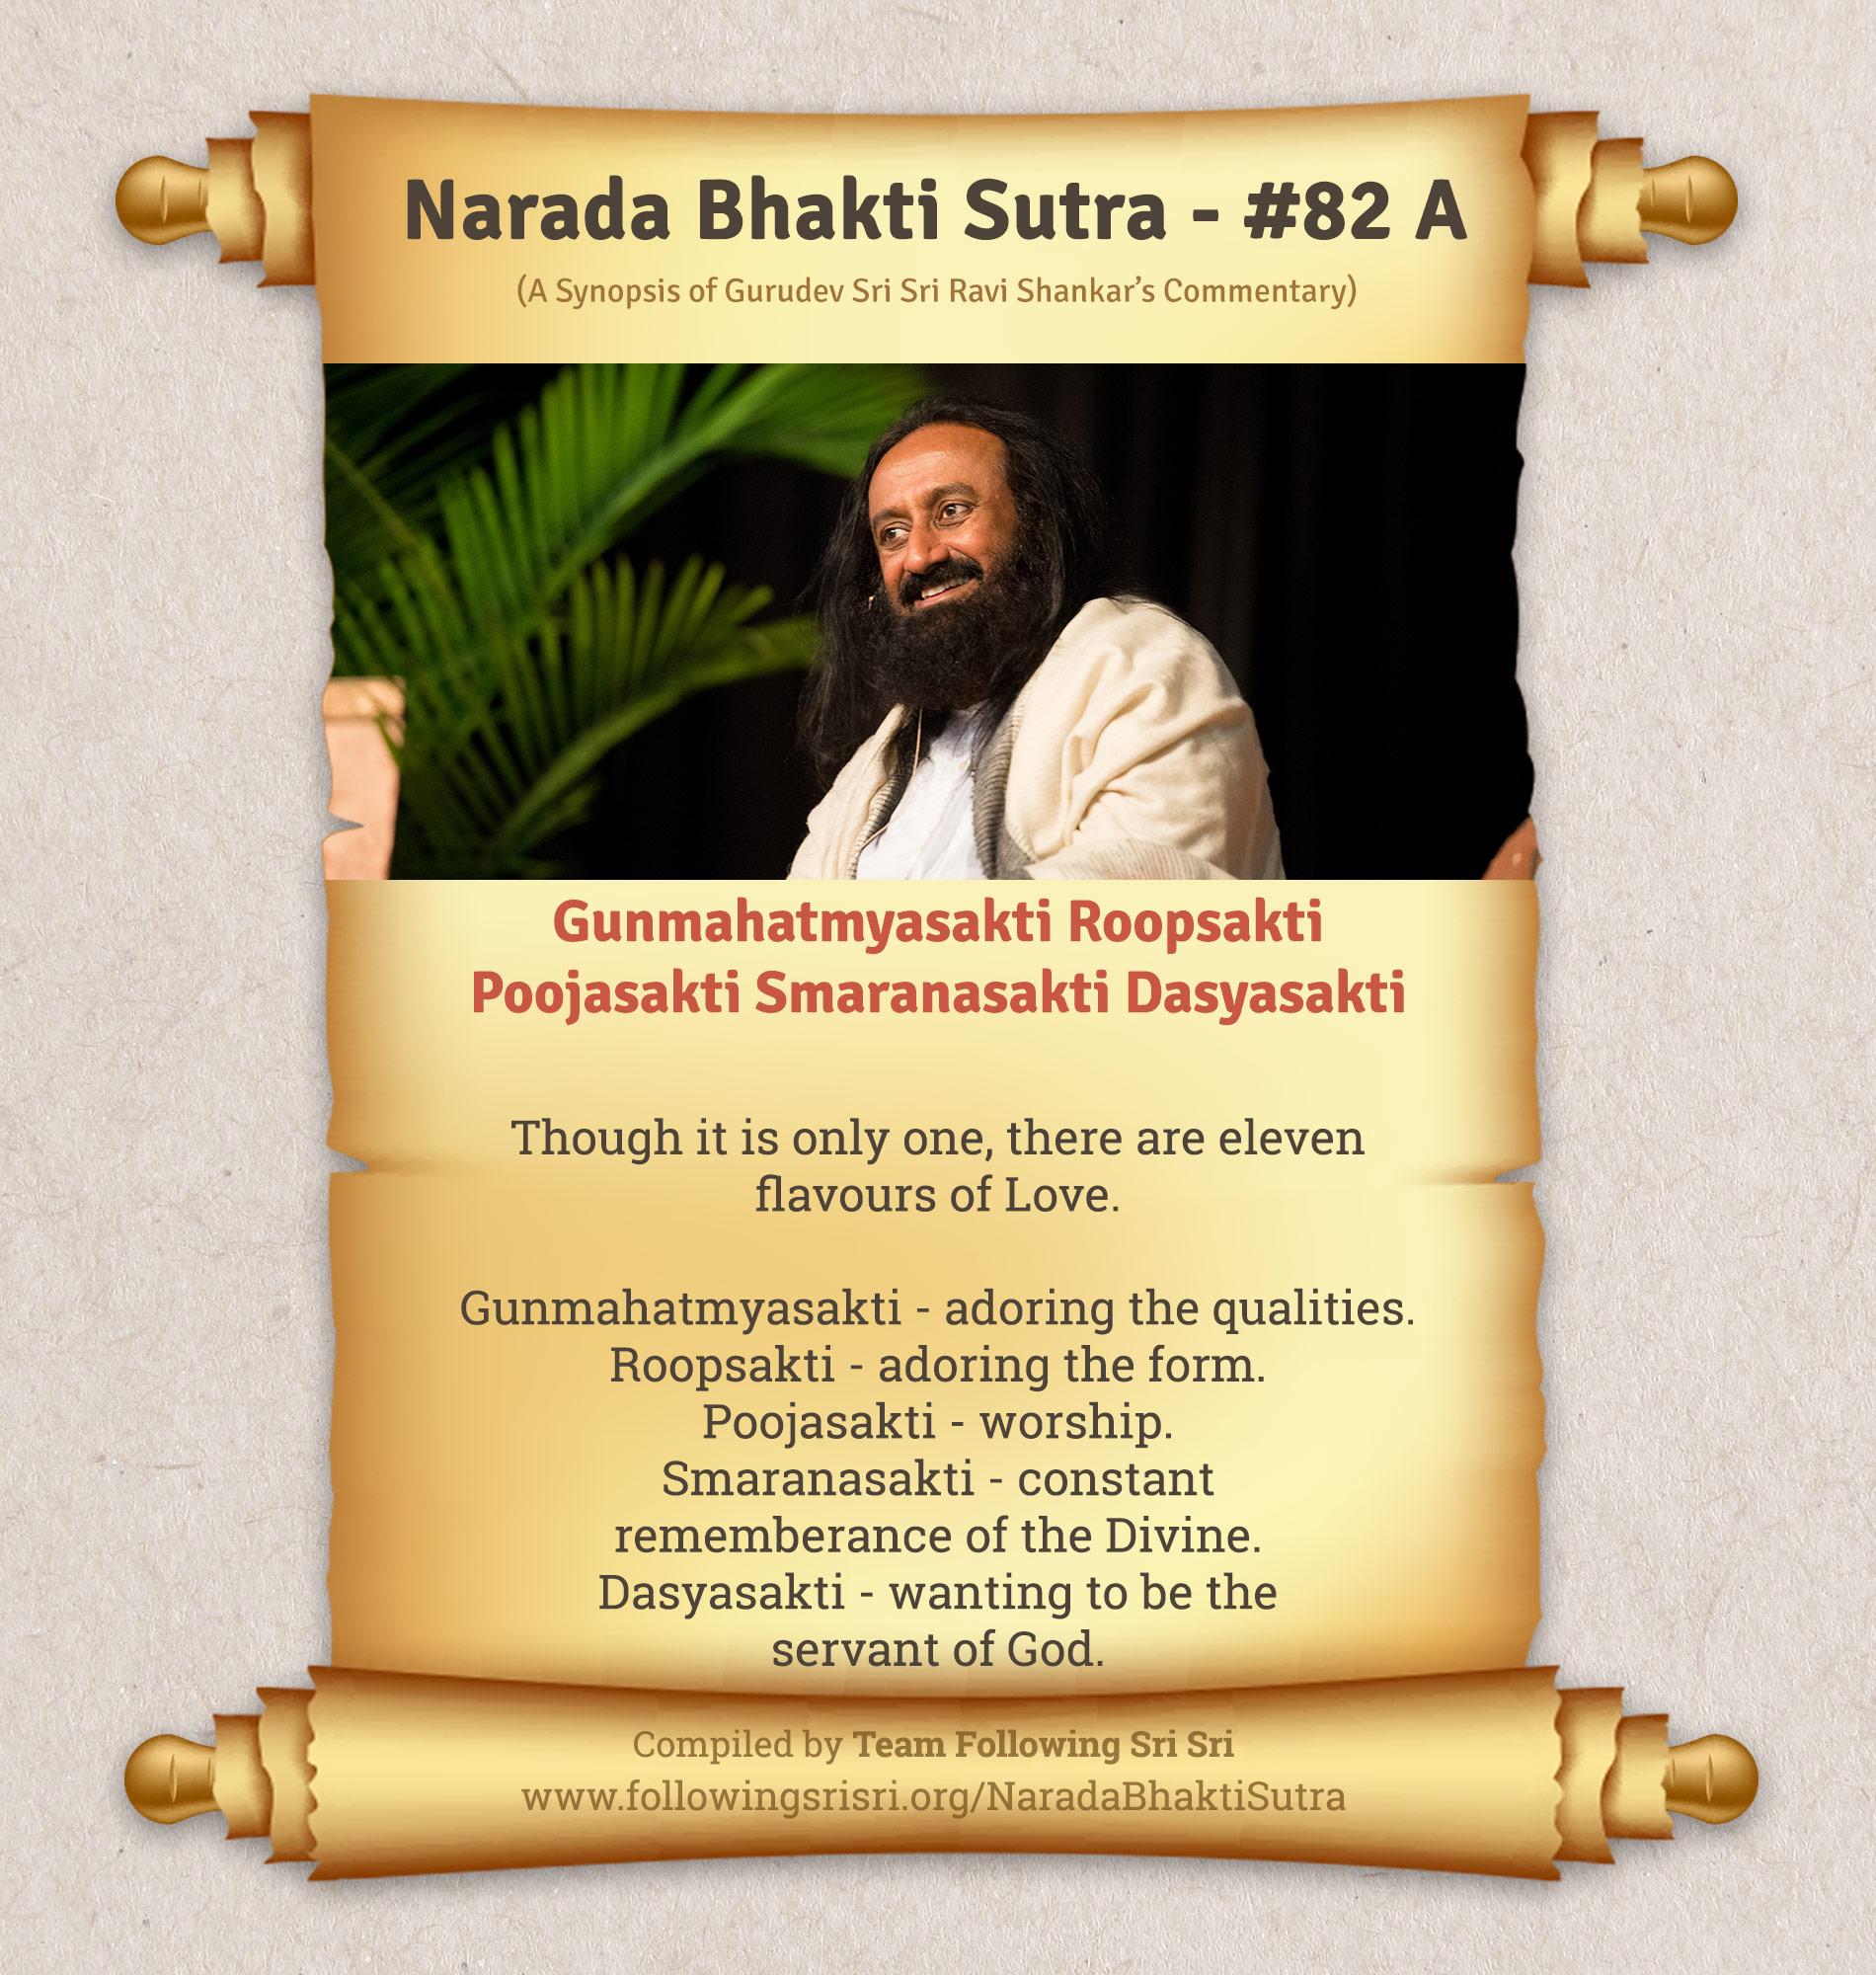 Narada Bhakti Sutras - Sutra 82 A